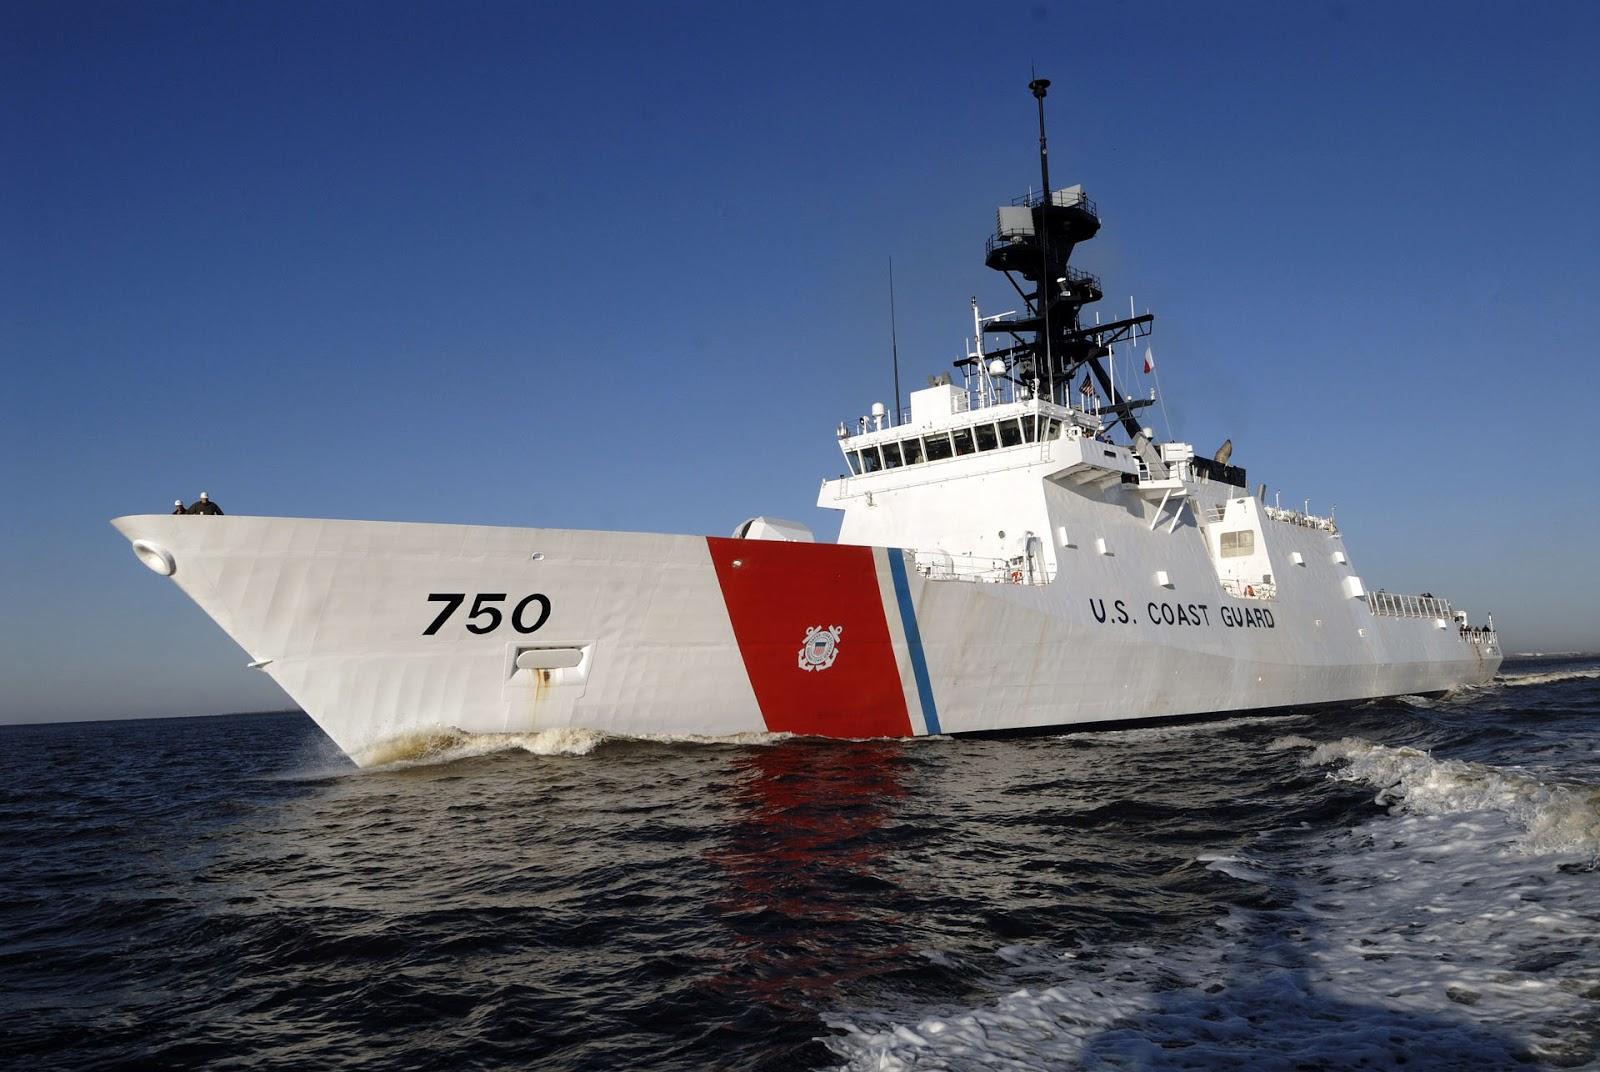 http://3.bp.blogspot.com/-ivokubE8g14/UHxzCeYv_6I/AAAAAAAAG38/ro3iLiQQFLs/s1600/foto-van-een-schip-van-de-us-coast-guard-hd-schepen-wallpaper.jpg